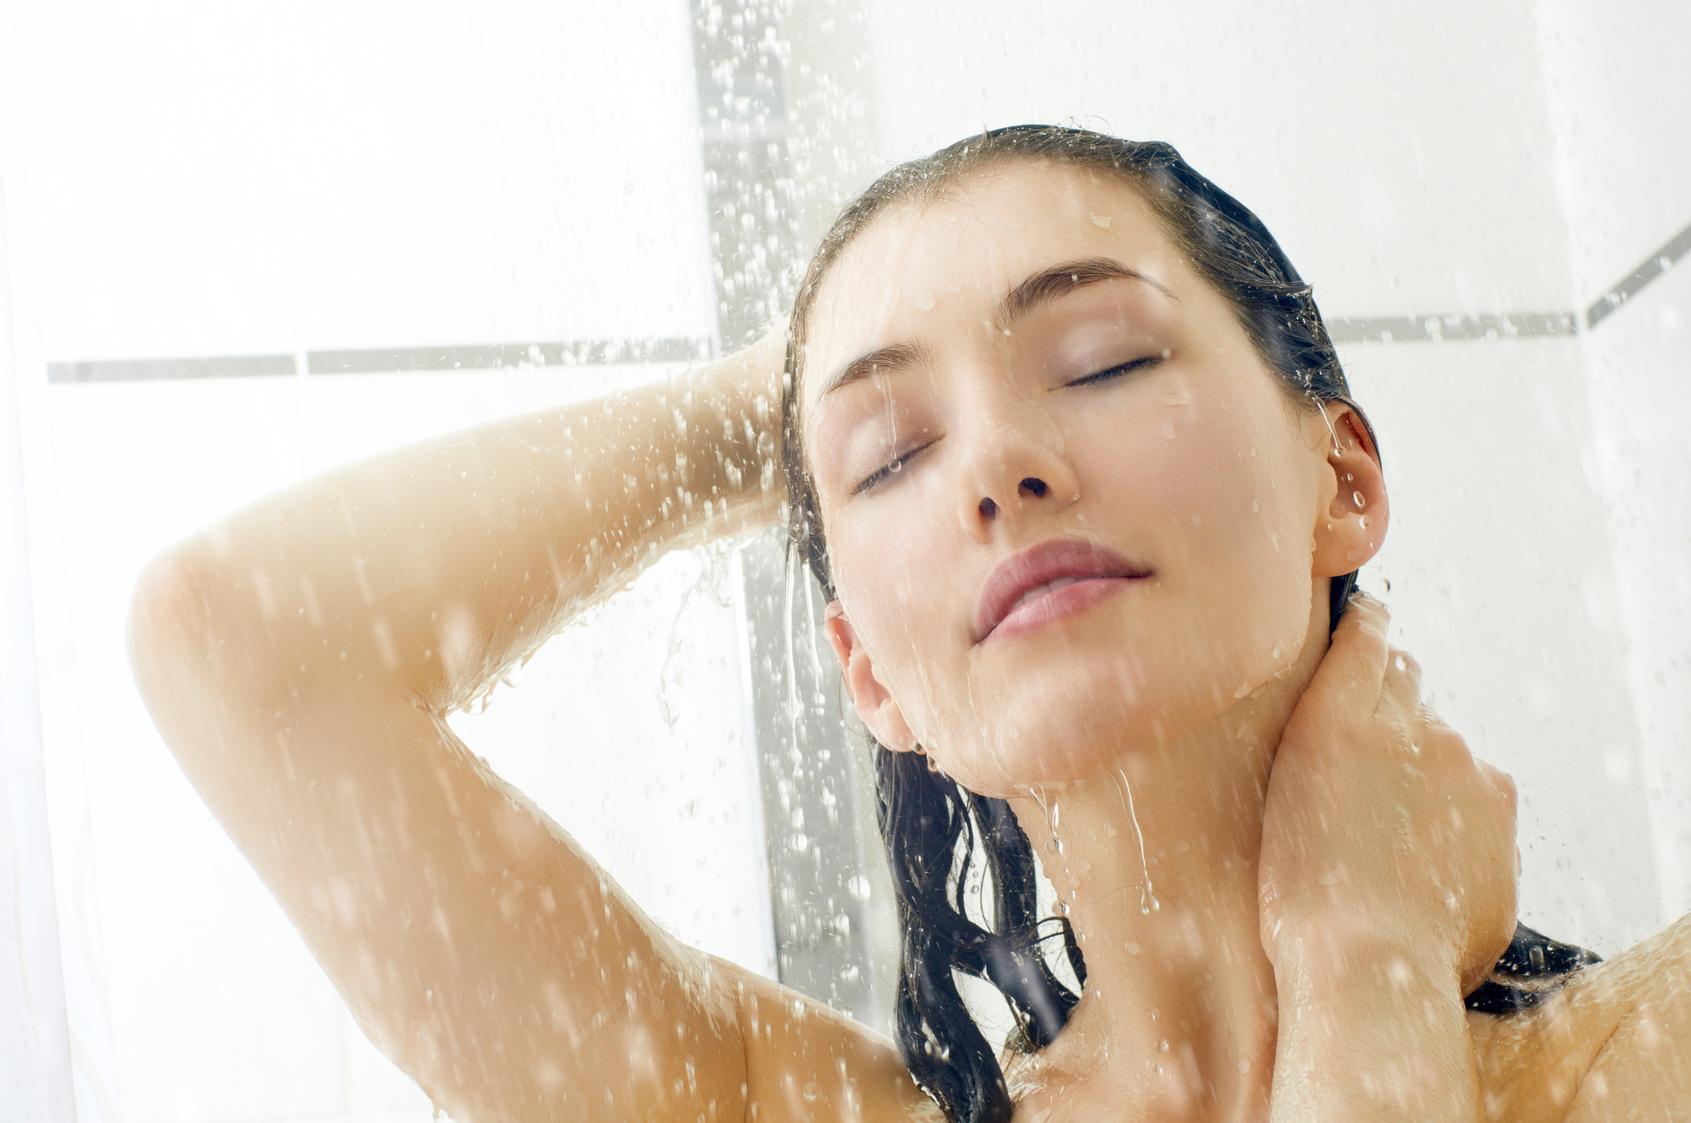 Ошибки, которые мы совершаем, принимая душ